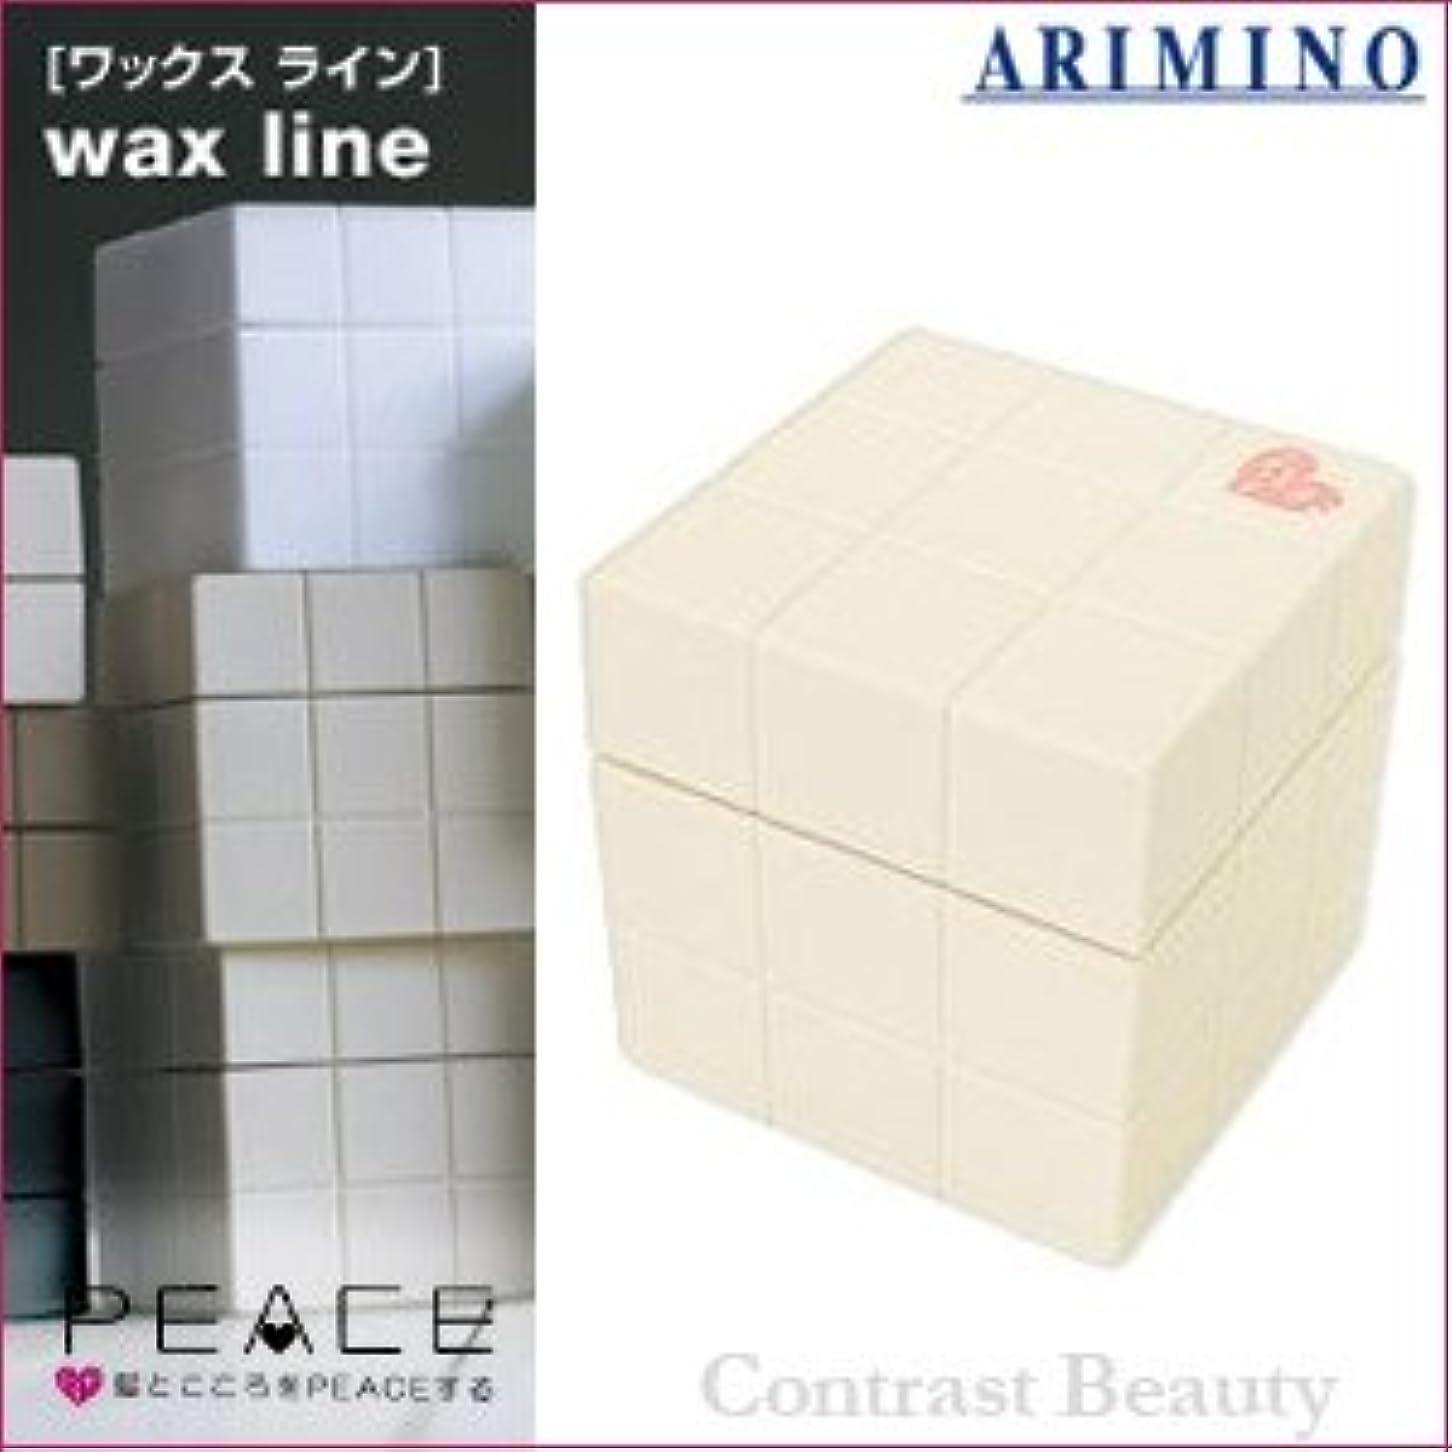 ほぼ側面彼ら【x2個セット】 アリミノ ピース プロデザインシリーズ ニュアンスワックス バニラ 80g